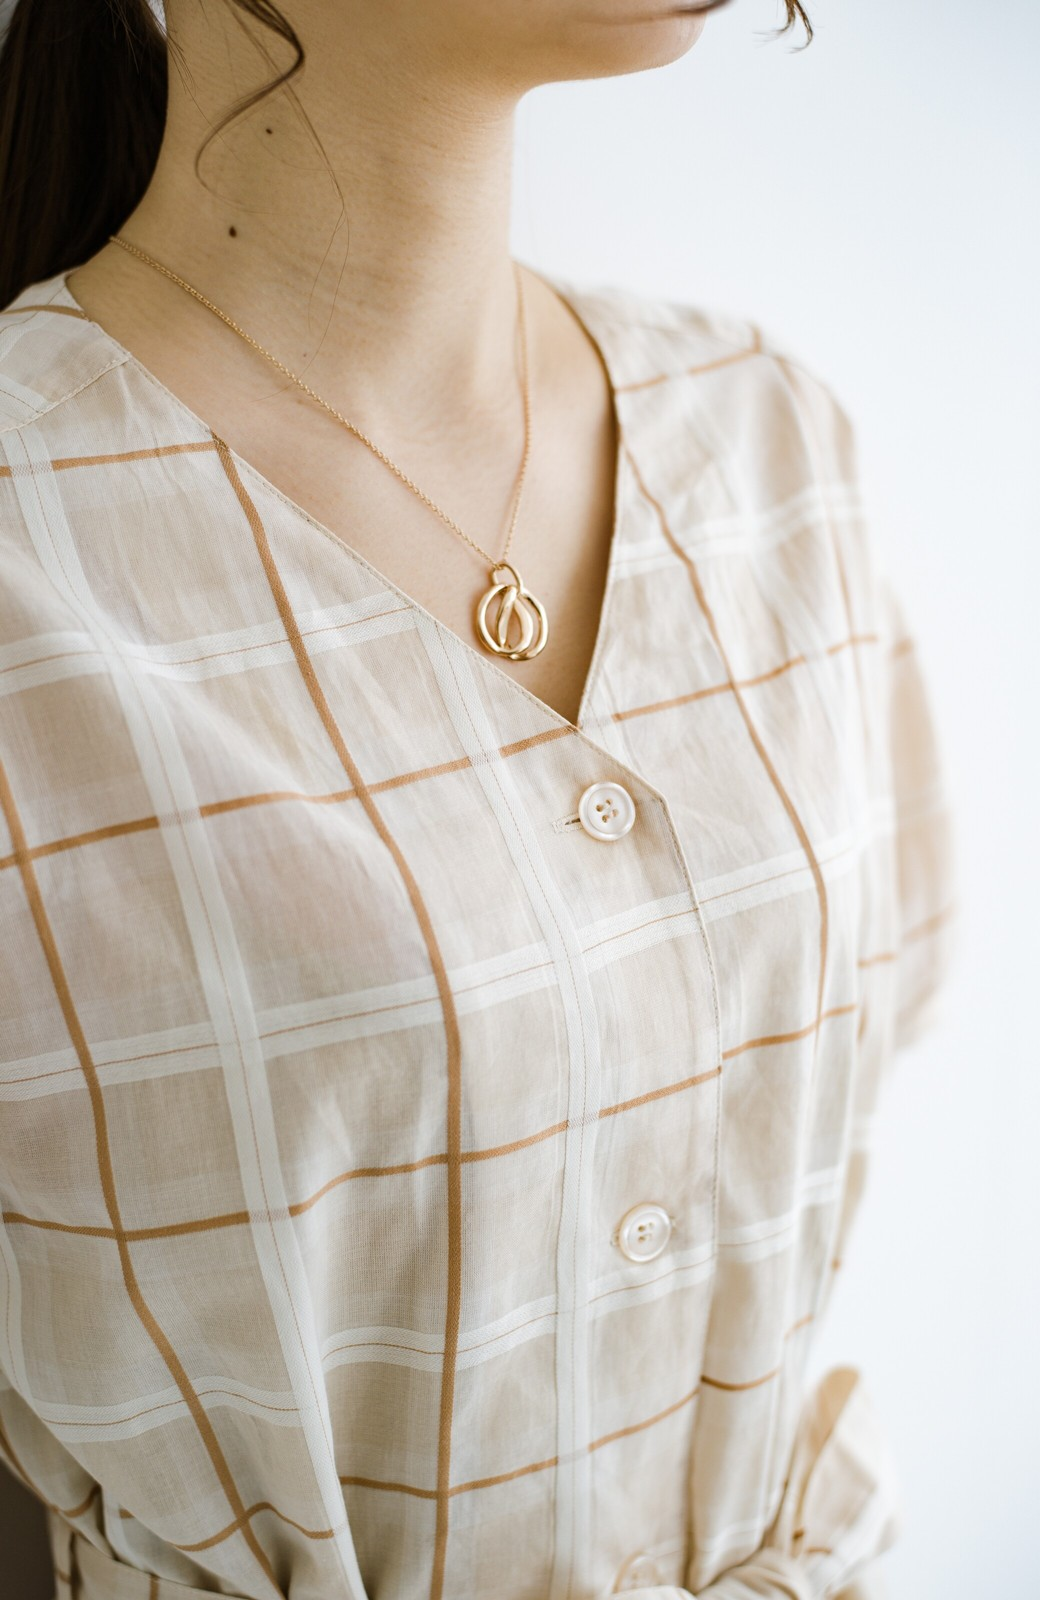 haco! 1枚でも羽織っても様になるベルト付きワンピースとインナーキャミワンピースセット <ライトベージュ>の商品写真5